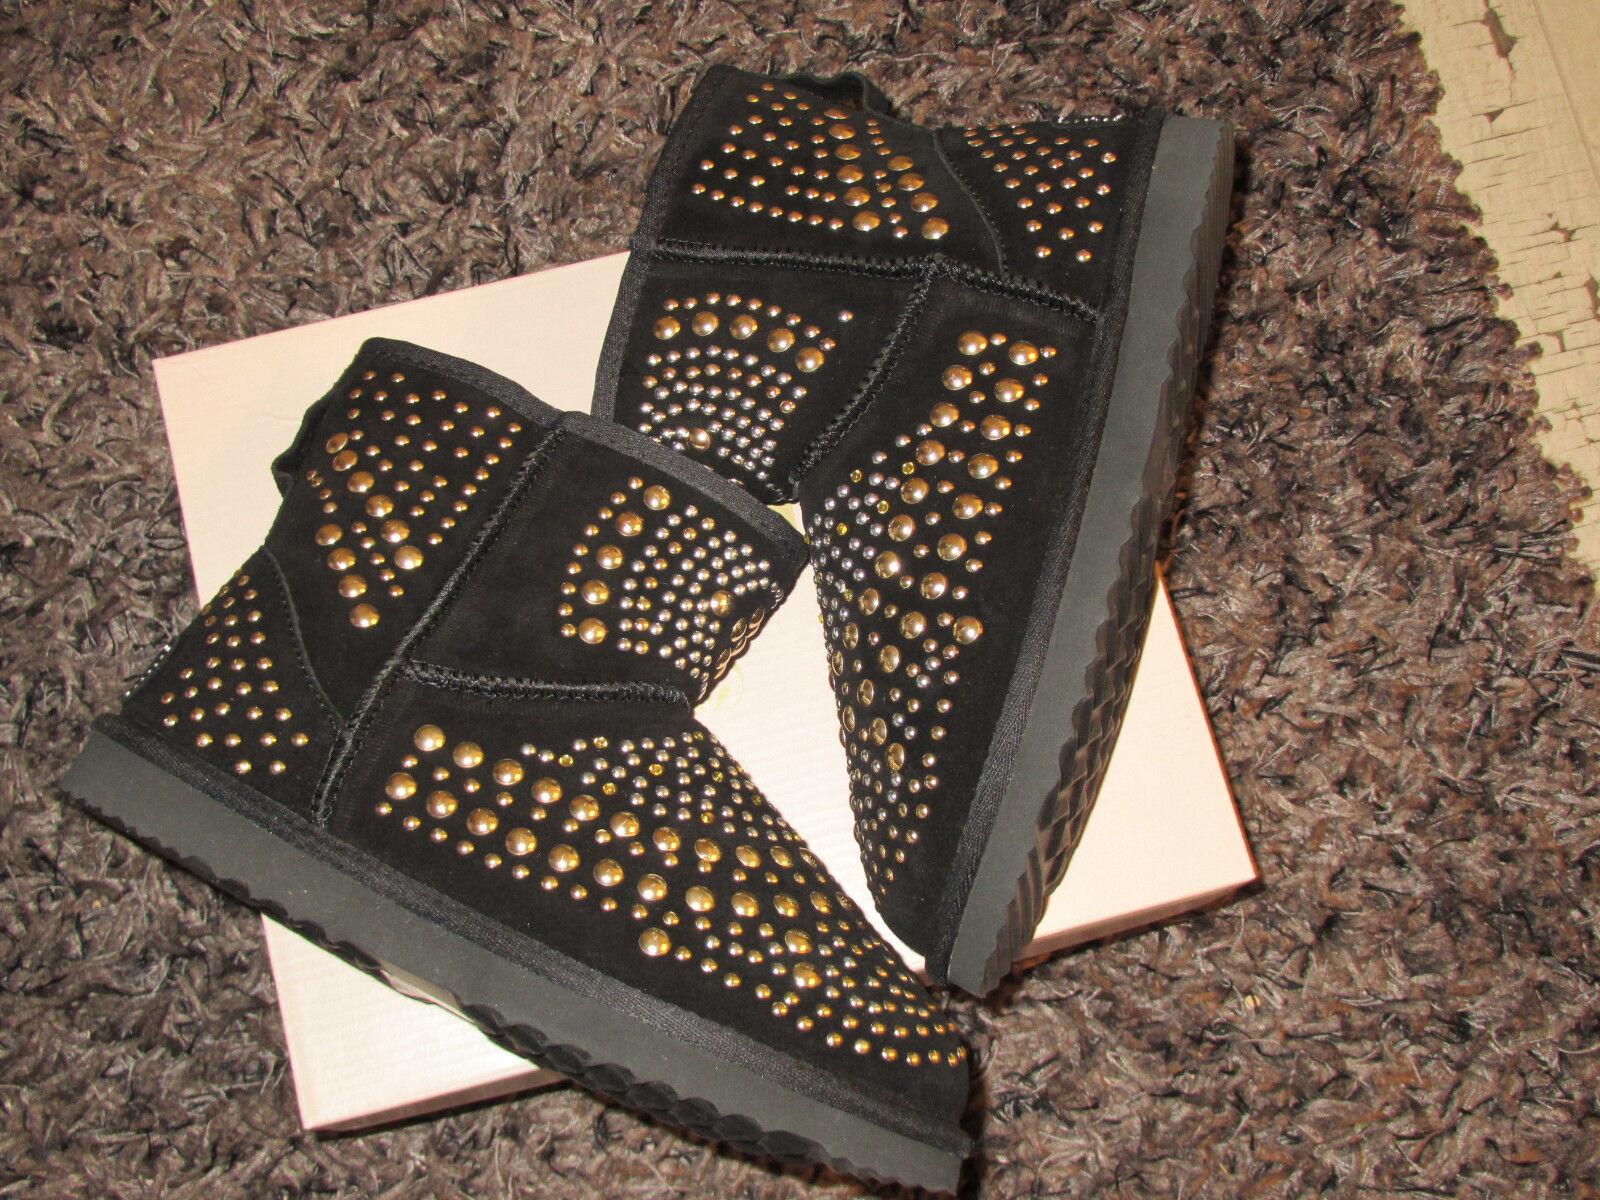 Neu Cream - Ankle Stiefel - schwarz Schuhe Stiefelette Gr. 38  89,95